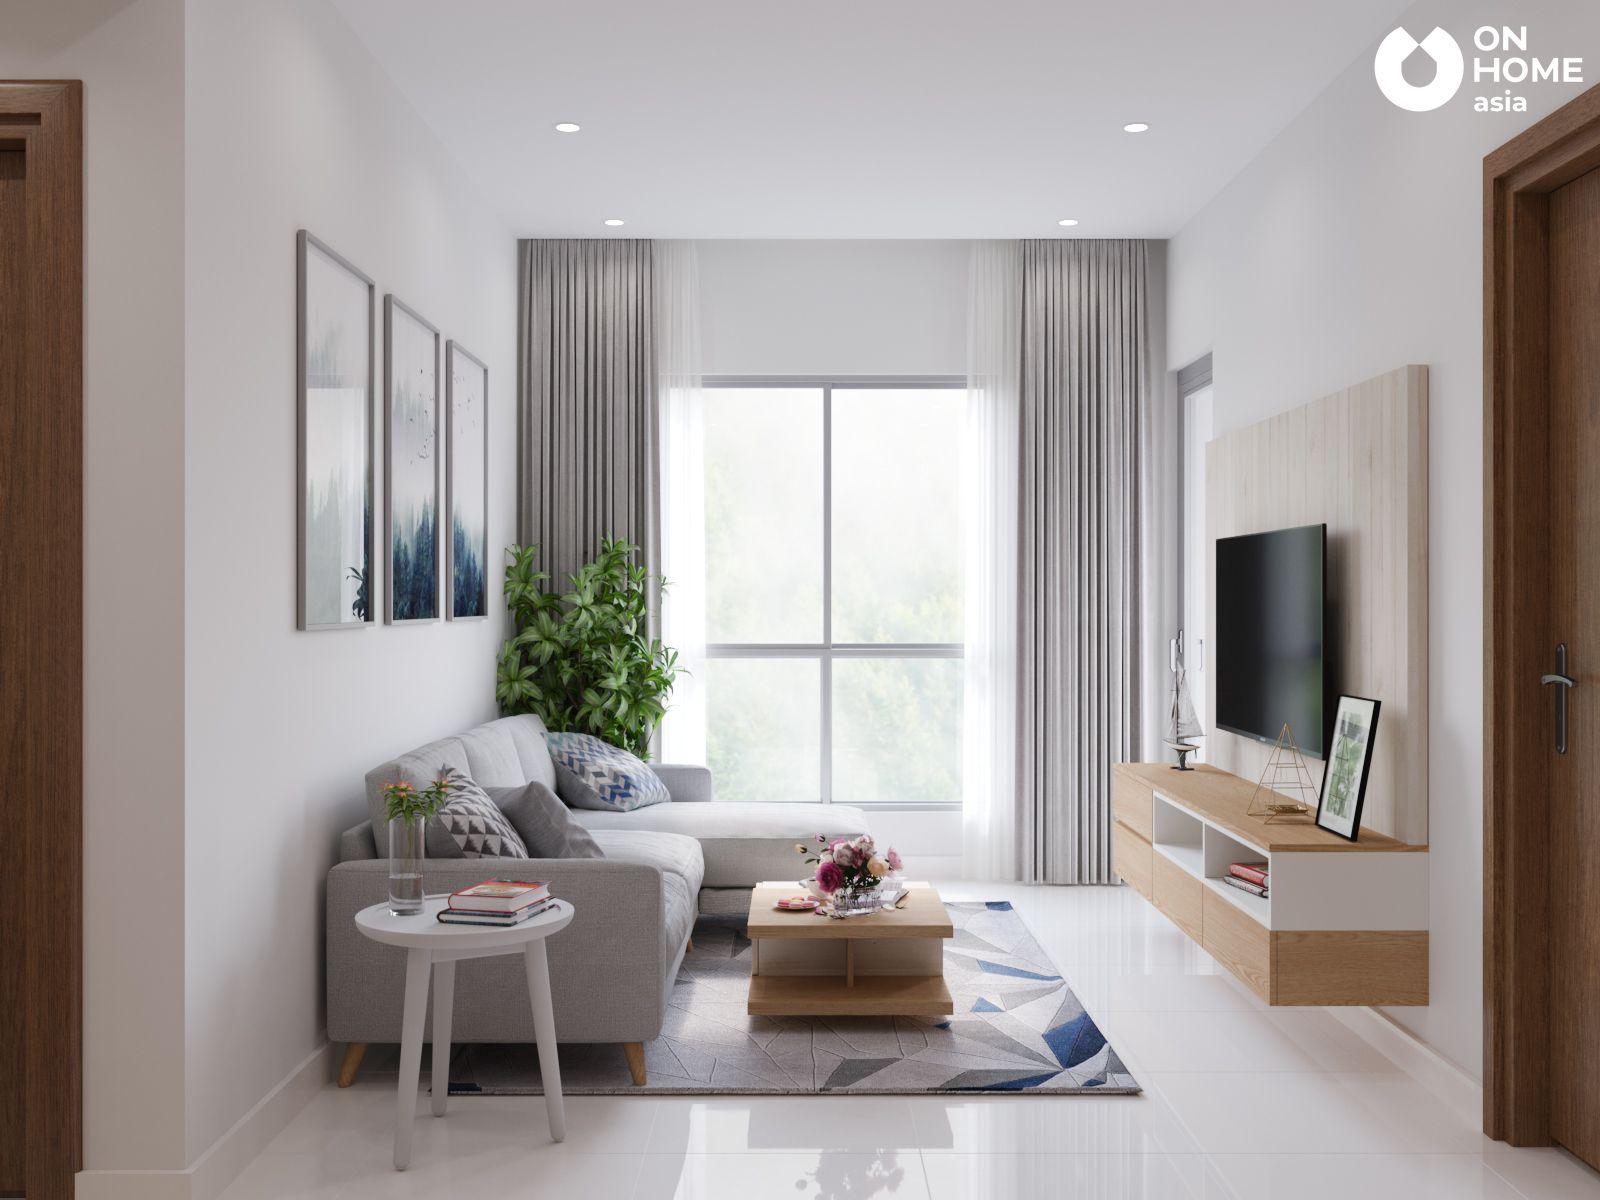 Phòng khách căn hộ chung cư the view type4A4B